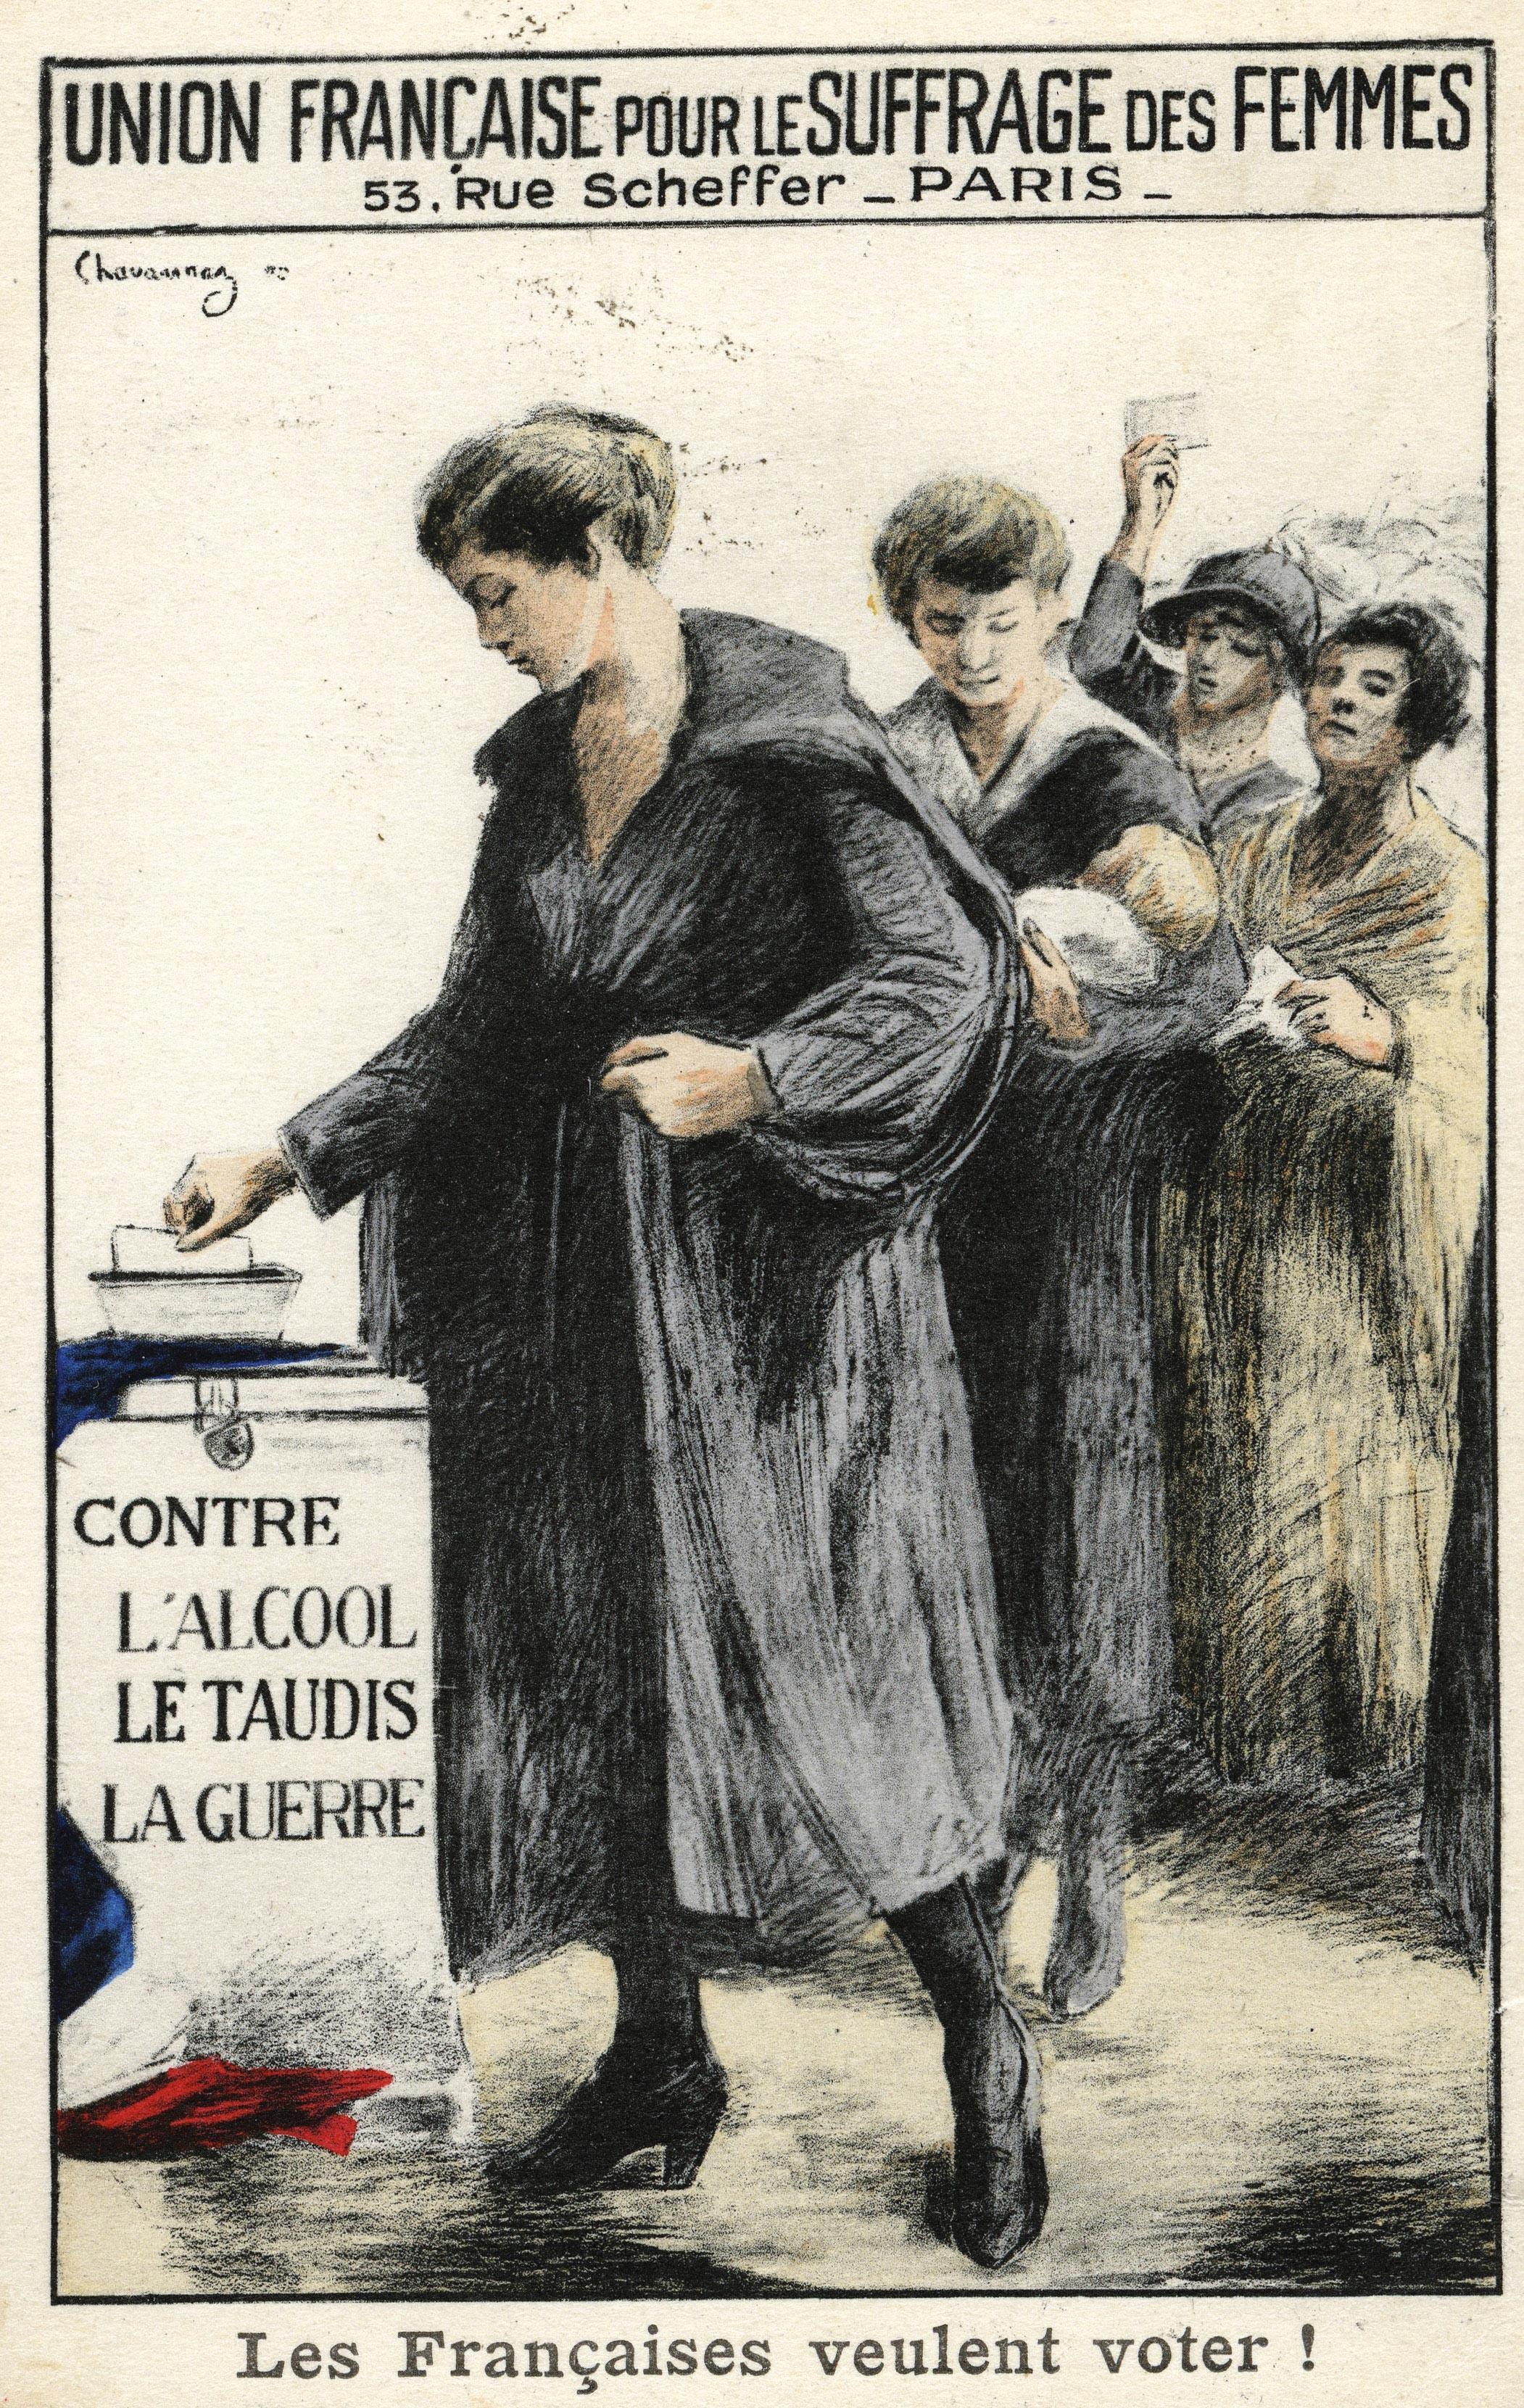 Union française pour le suffrage des femmes, illustration de Chavannas, carte postale, 1909